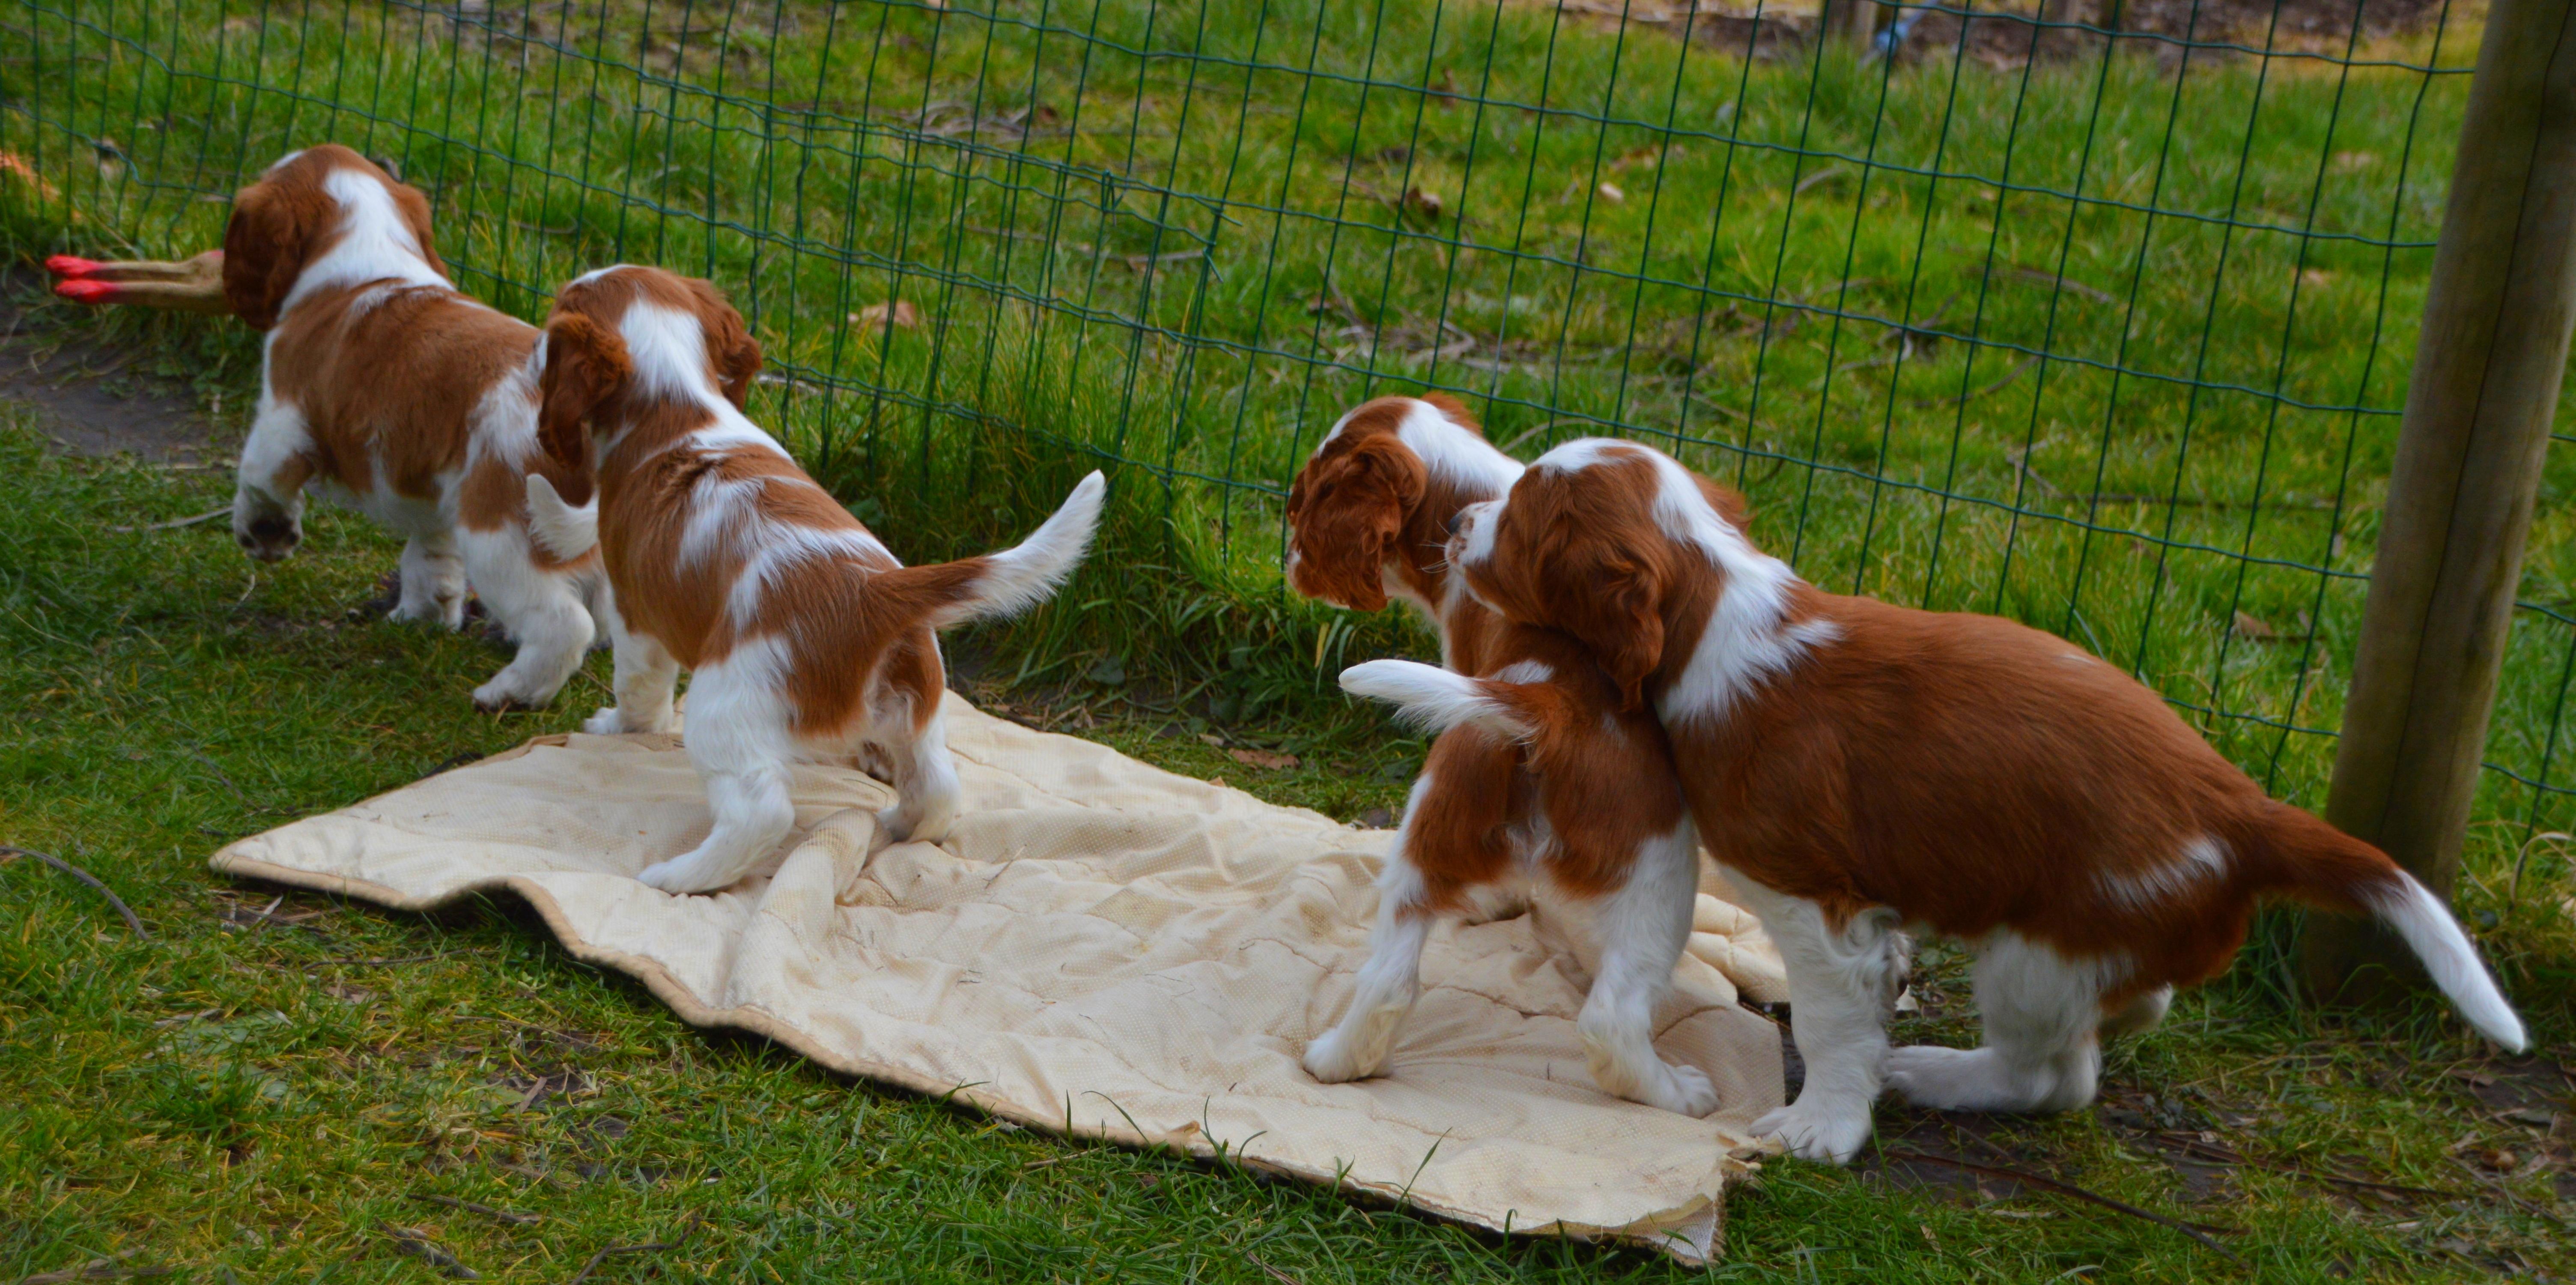 Puppy walking through grass